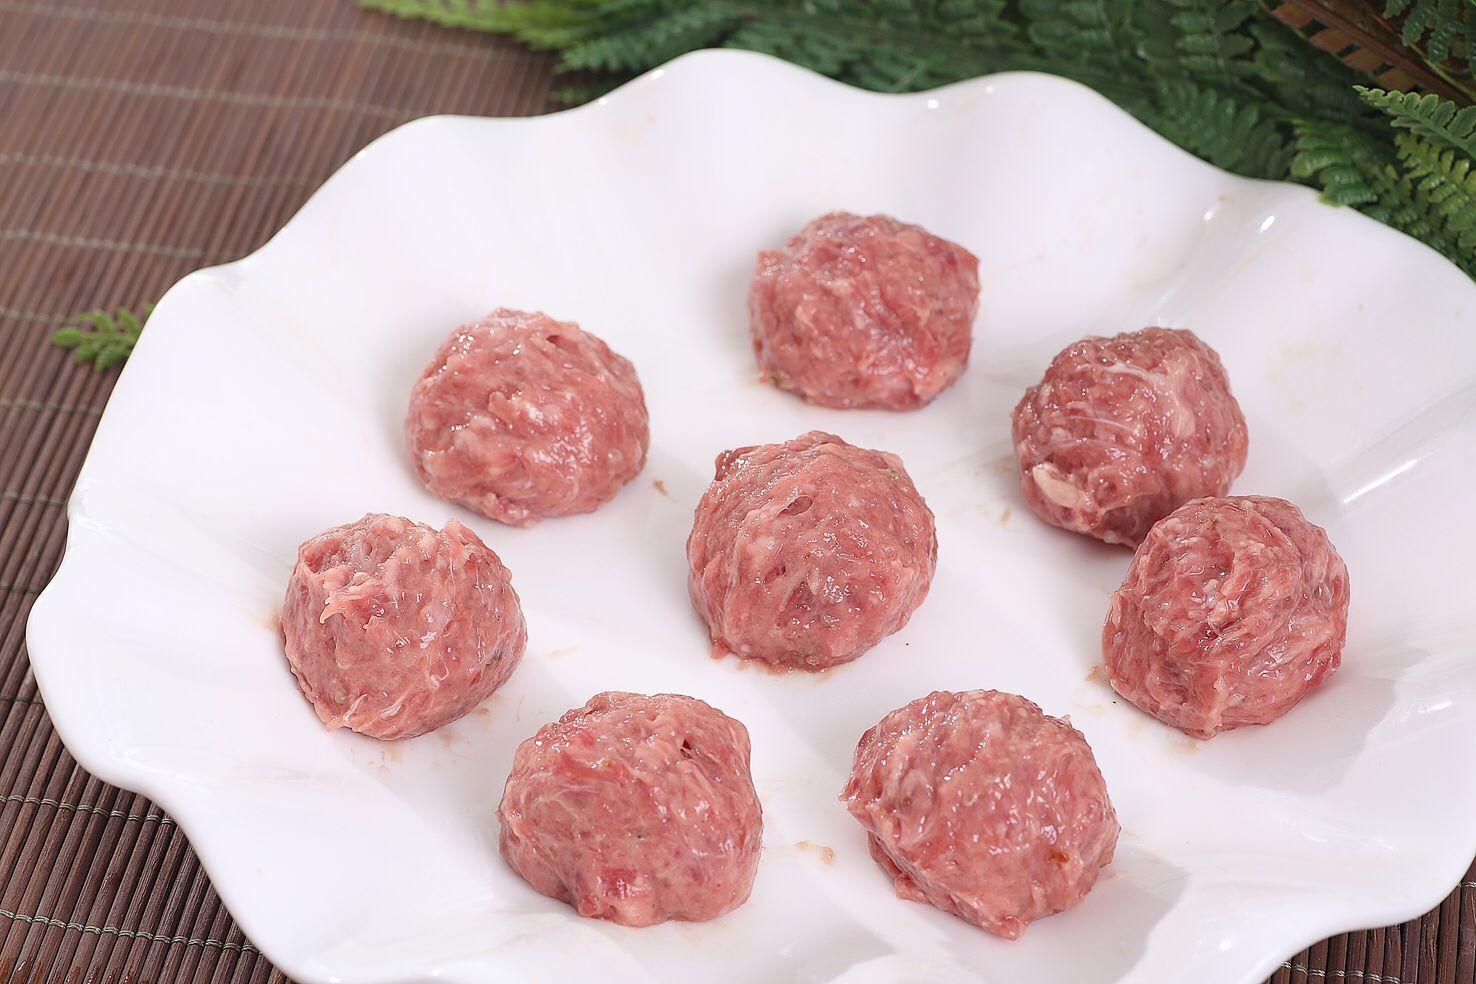 广西冷冻肉食品生产_东莞销量好的冷冻肉食品批发